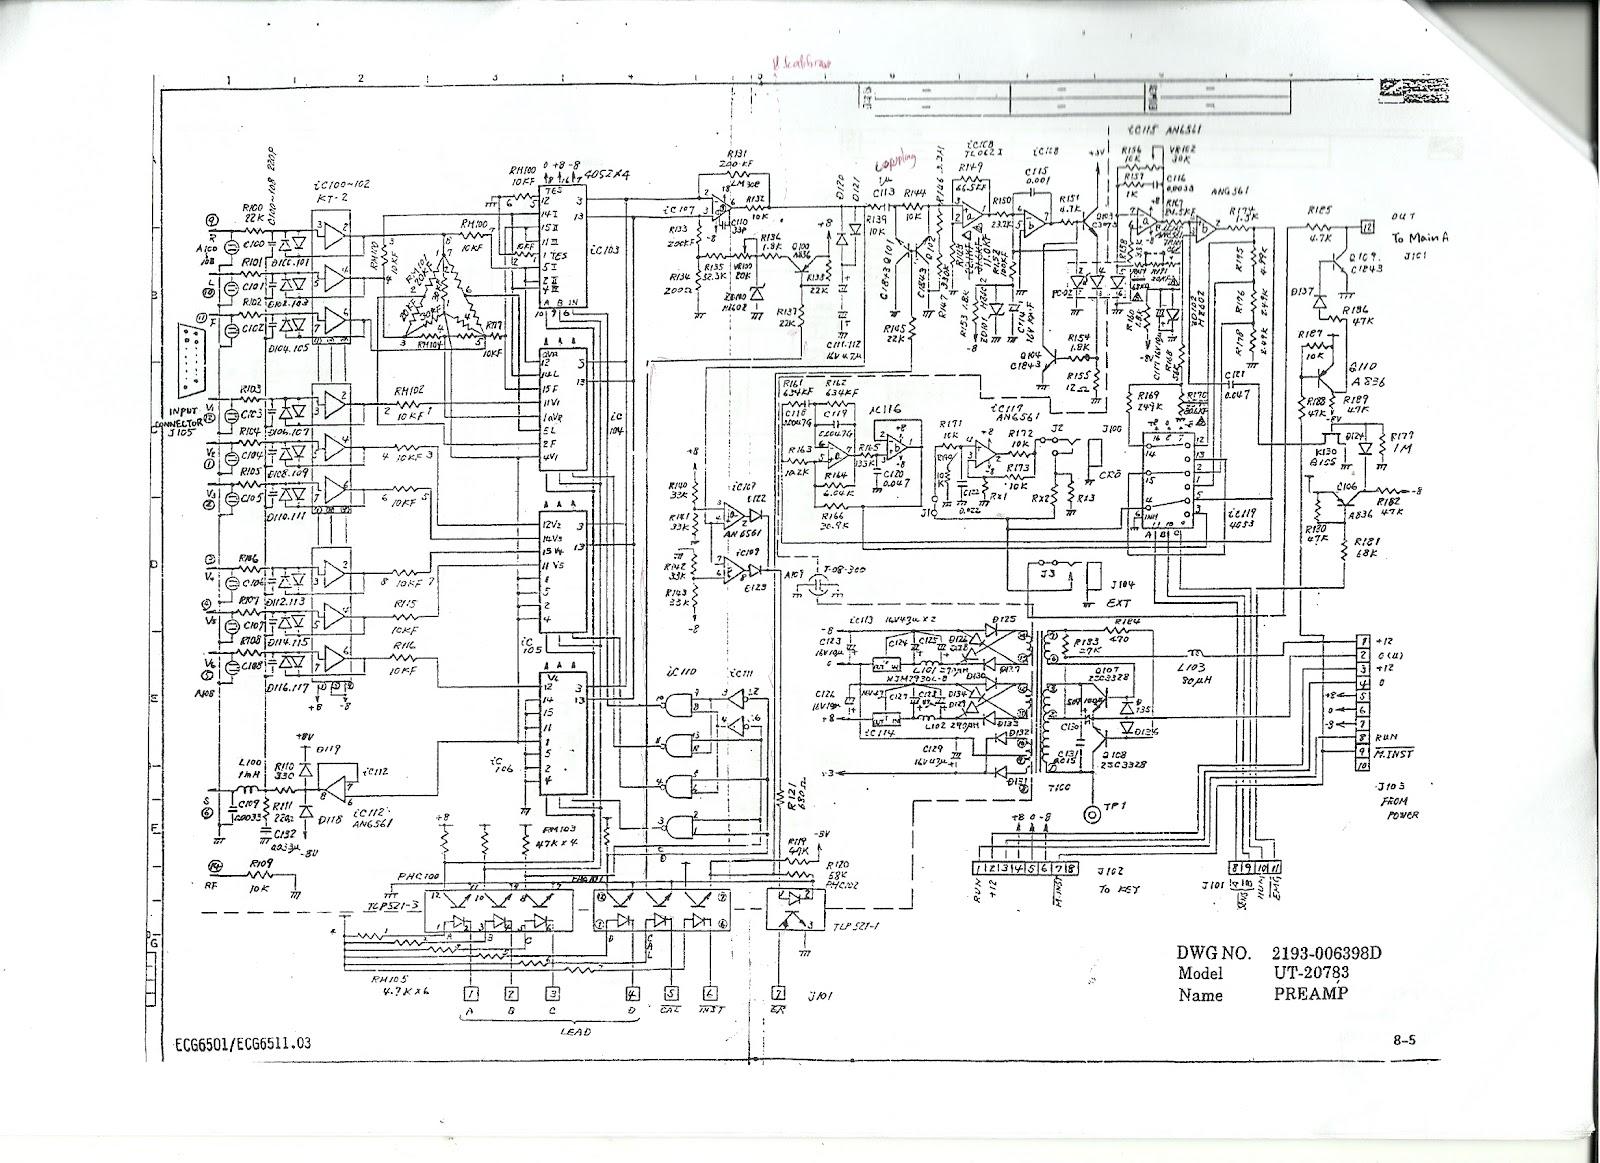 Live_is_flow: Wiring Diagram ECG